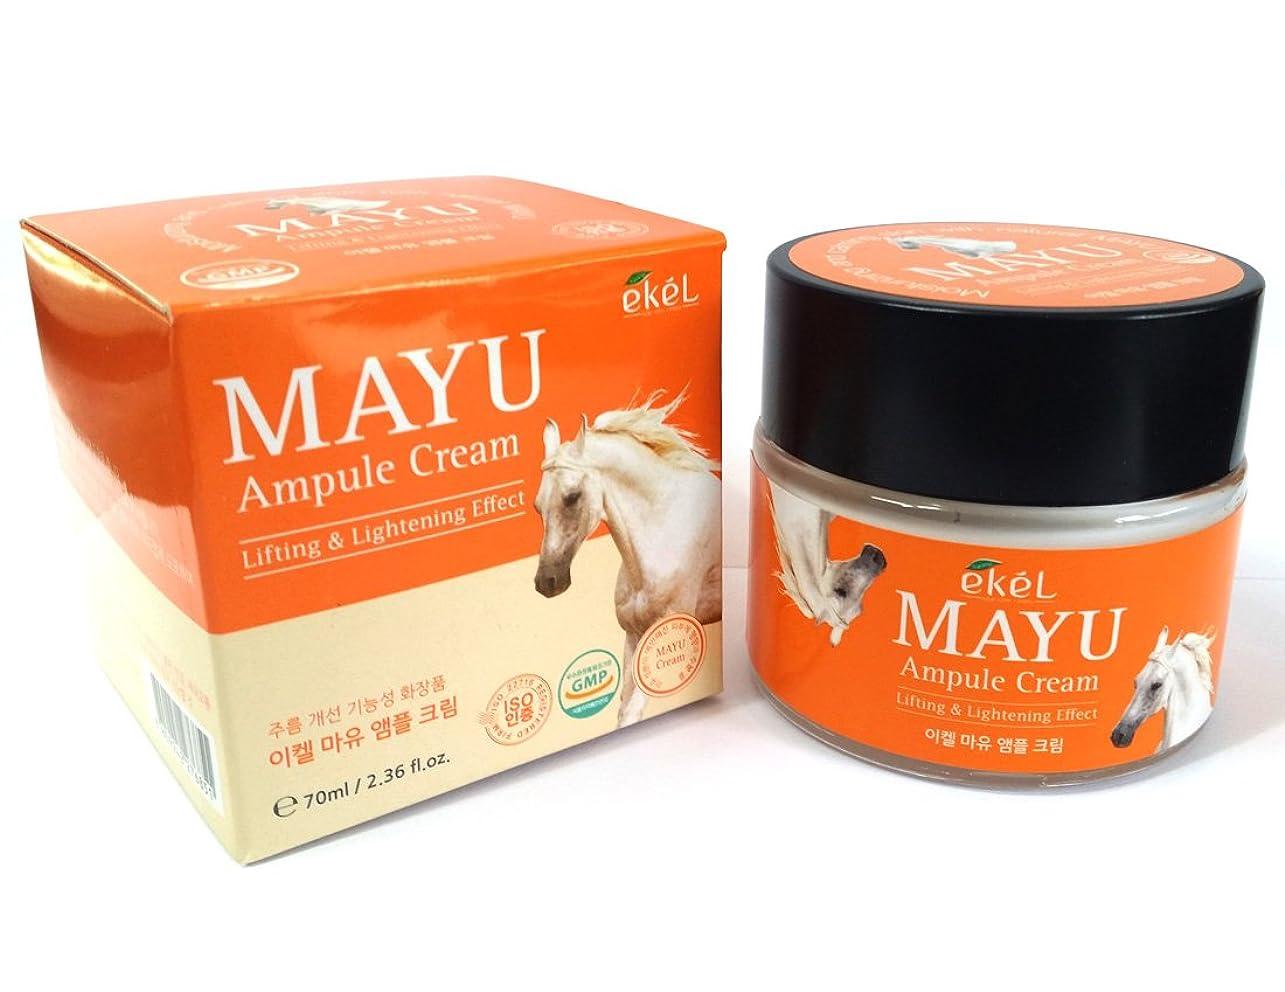 装置服を片付ける相関する[EKEL] ホースオイルMAYUアンプルクリーム70ml / Horse Oil MAYU Ampule Cream 70ml / リフティング&ライトニングエフェクト / しわ防止 / Lifting & Lightening Effect / Anti-wrinkle / 韓国化粧品 / Korean Cosmetics [並行輸入品]